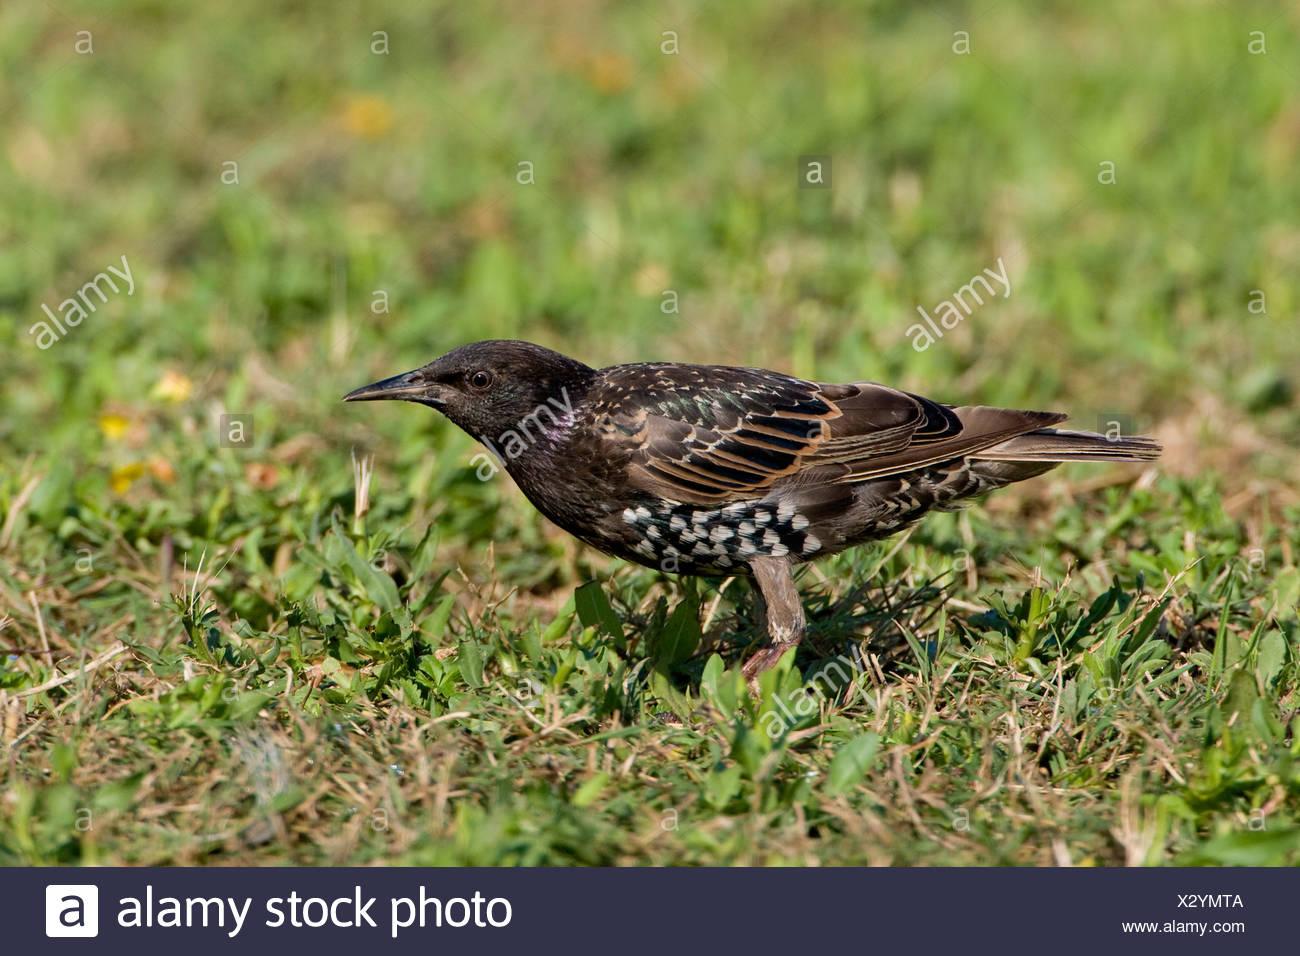 Een spreeuw in een veldje met bloemen.A Common Starling in a little field with flowers. - Stock Image